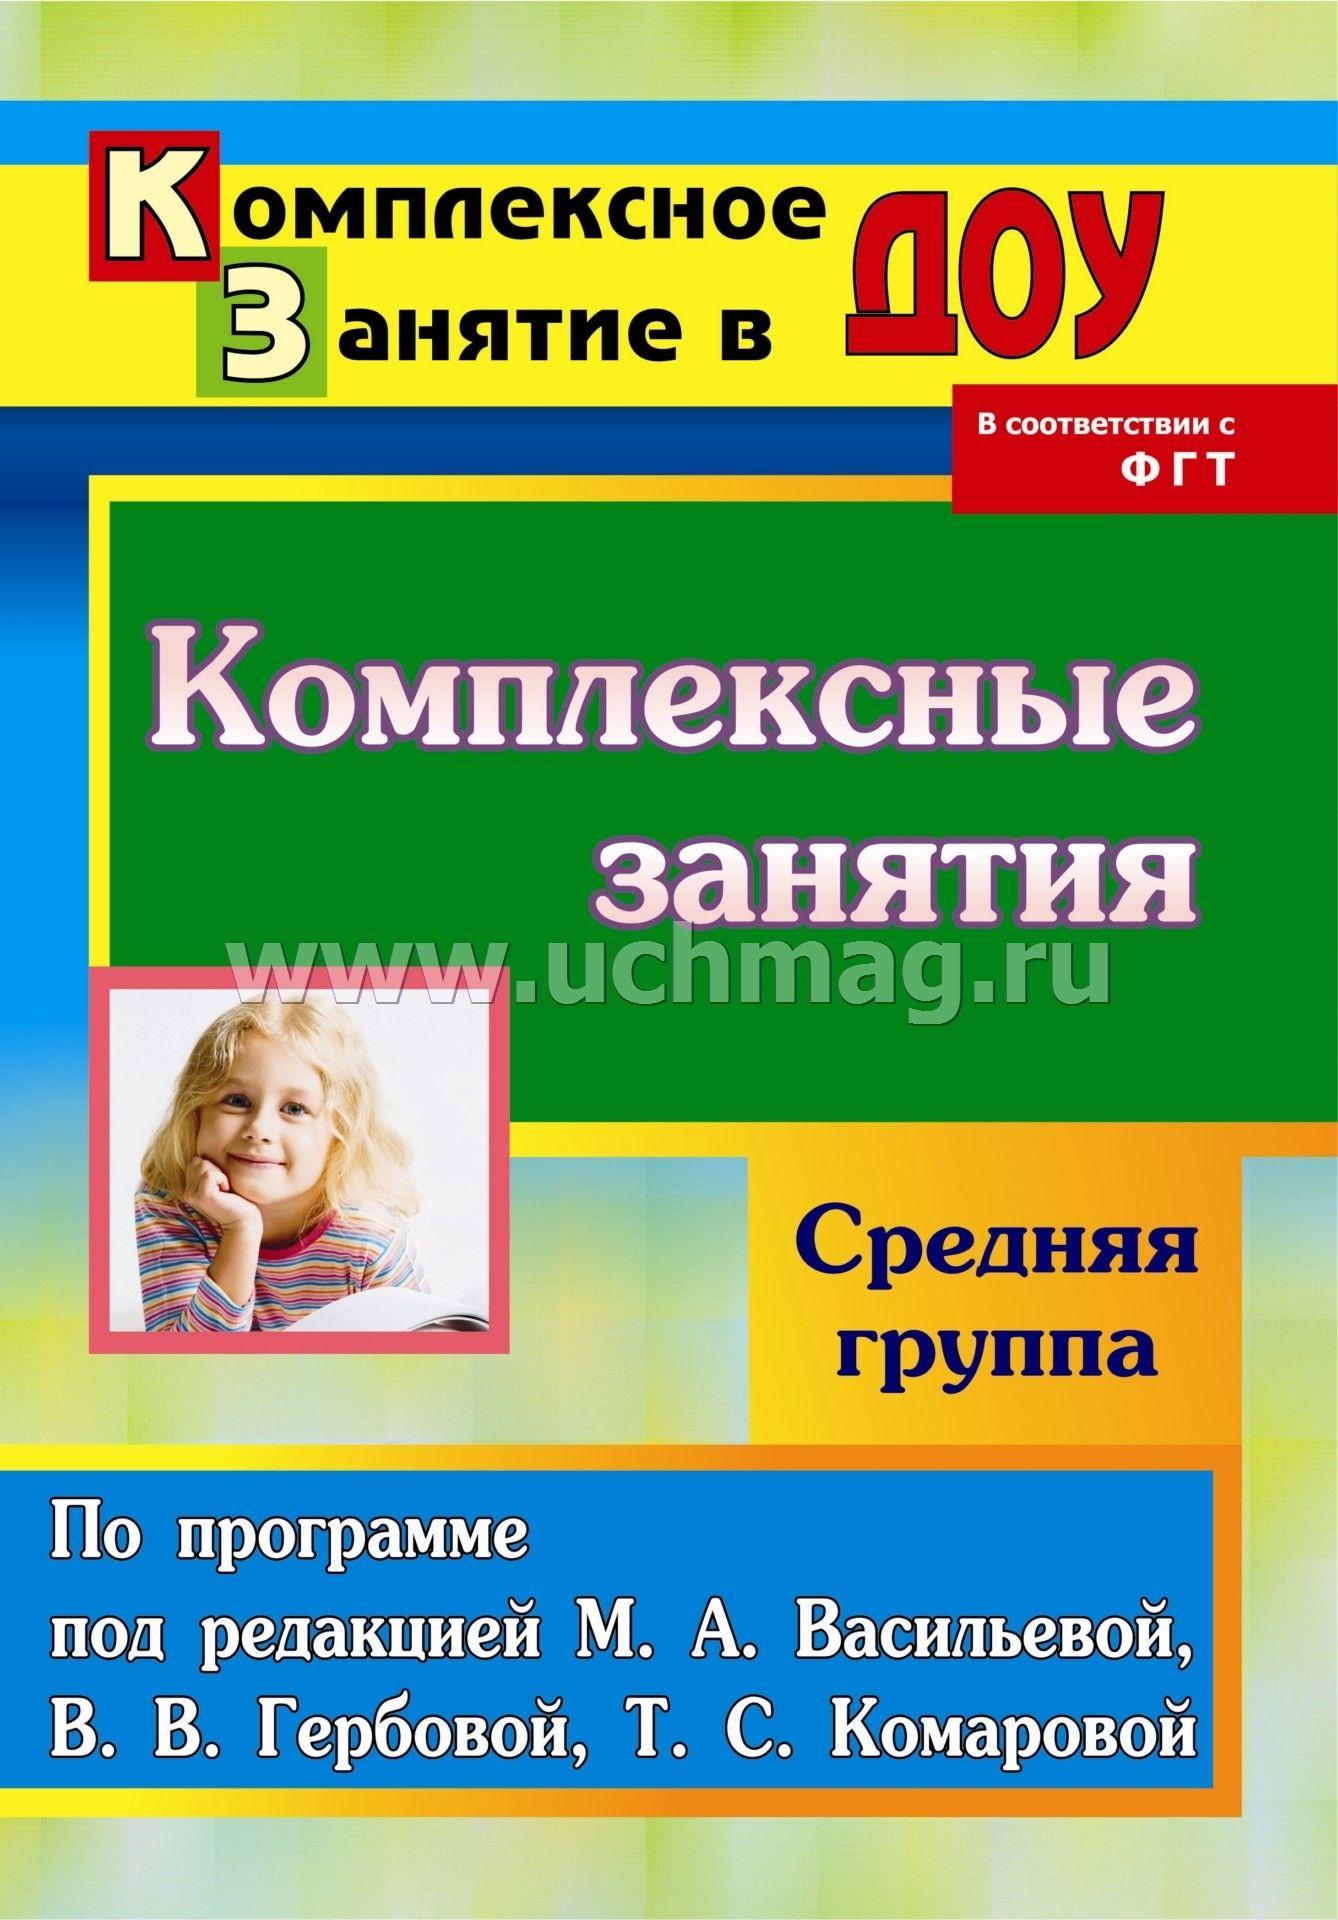 Совершенствование методов обучения и воспитания краткое